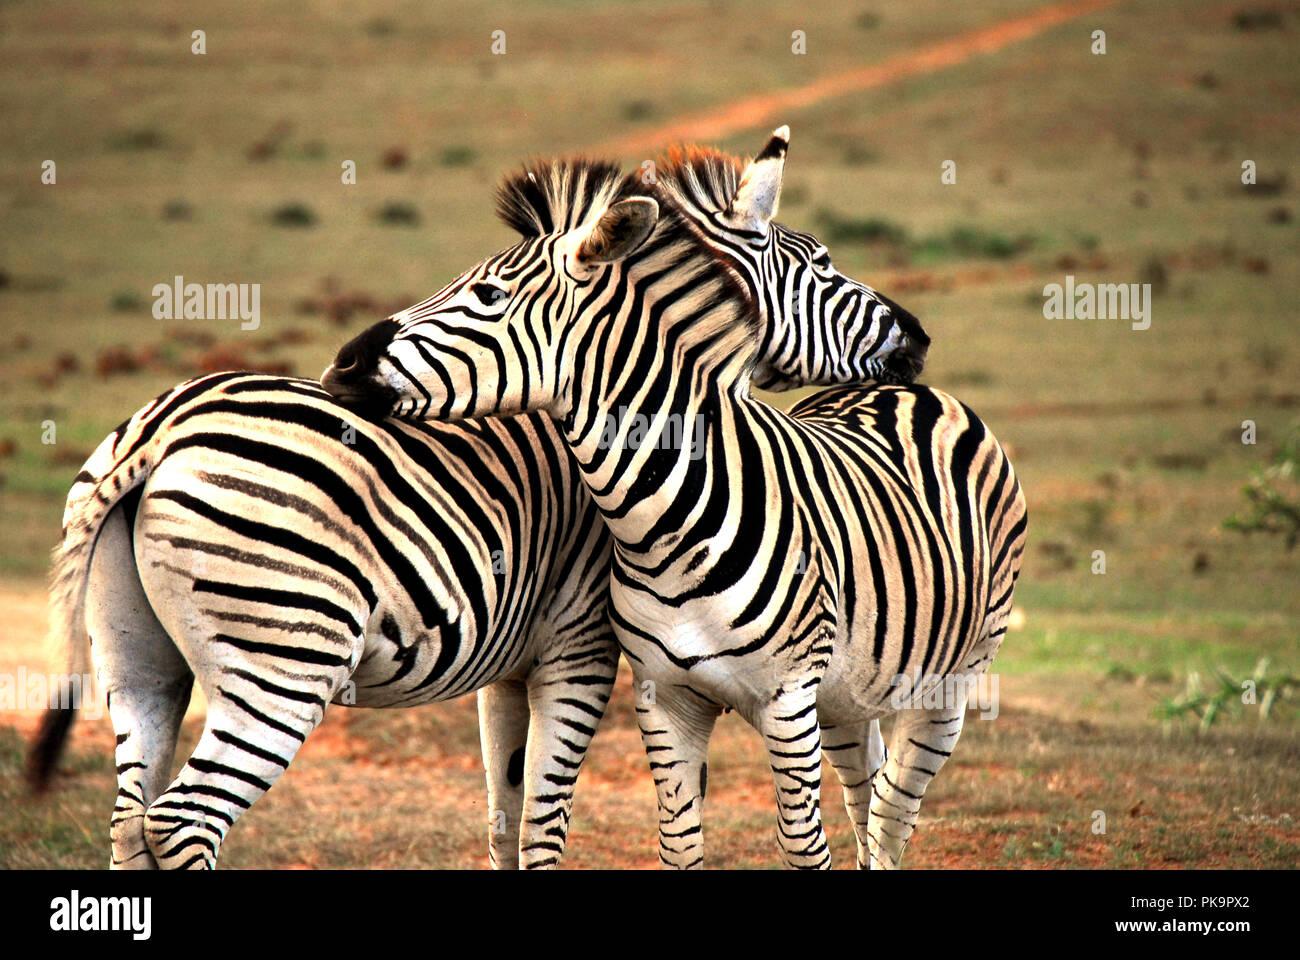 Una imagen para hacerte sonreír. Dos cebras demostrar afecto por el resto de sus jefes de rabadillas cada uno del otro. Un gran fondo o como telón de fondo. Imagen De Stock